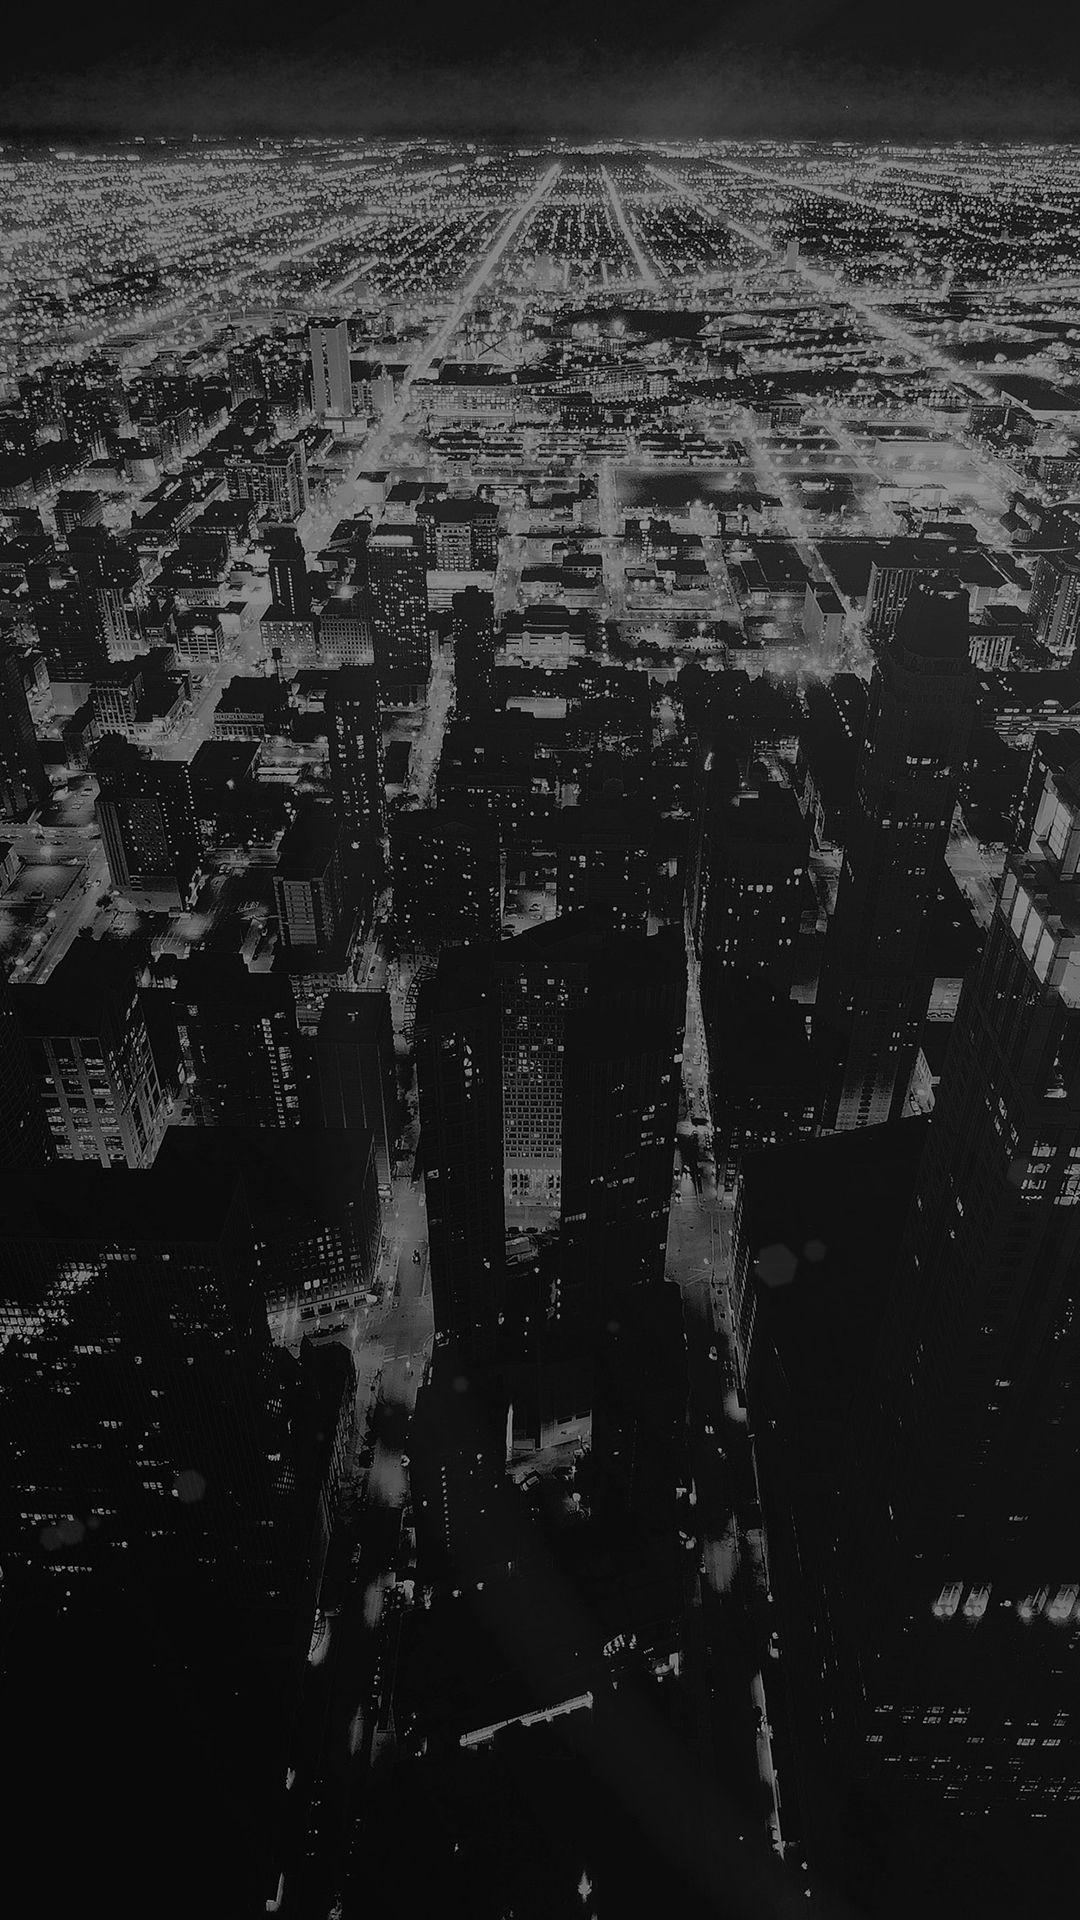 Download 6800 Wallpaper Tumblr Dark Gambar Terbaik